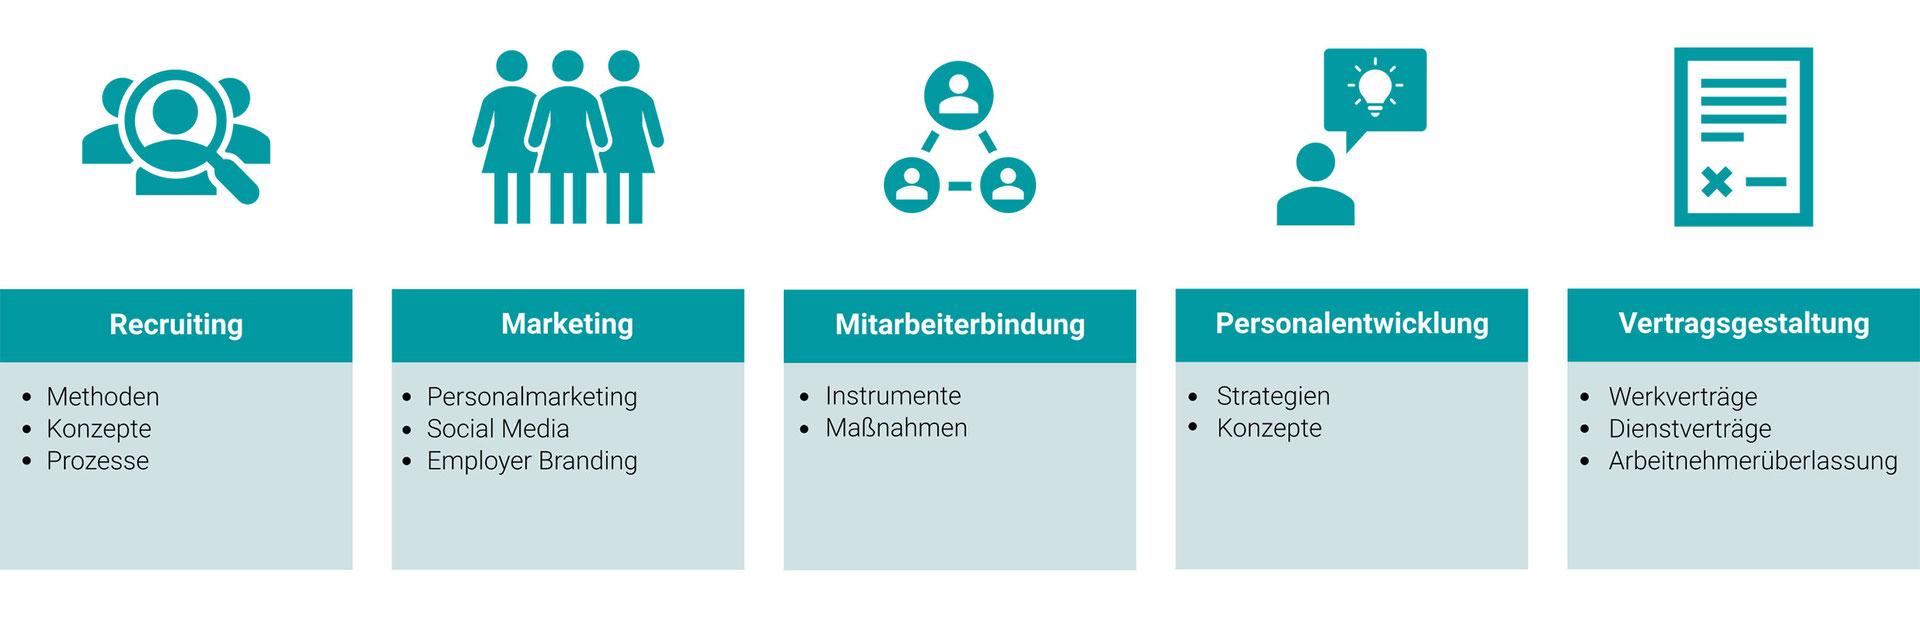 paXos Personalberatung Bereiche: Recruiting, Marketing, Mitarbeiterbindung, Personalentwicklung und Vertragsgestaltung